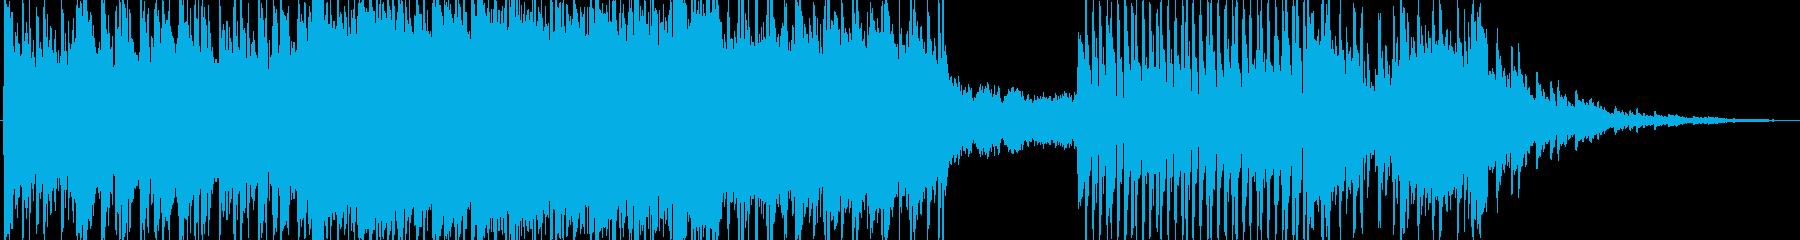 ギター生演奏ダークなポストロック風の再生済みの波形